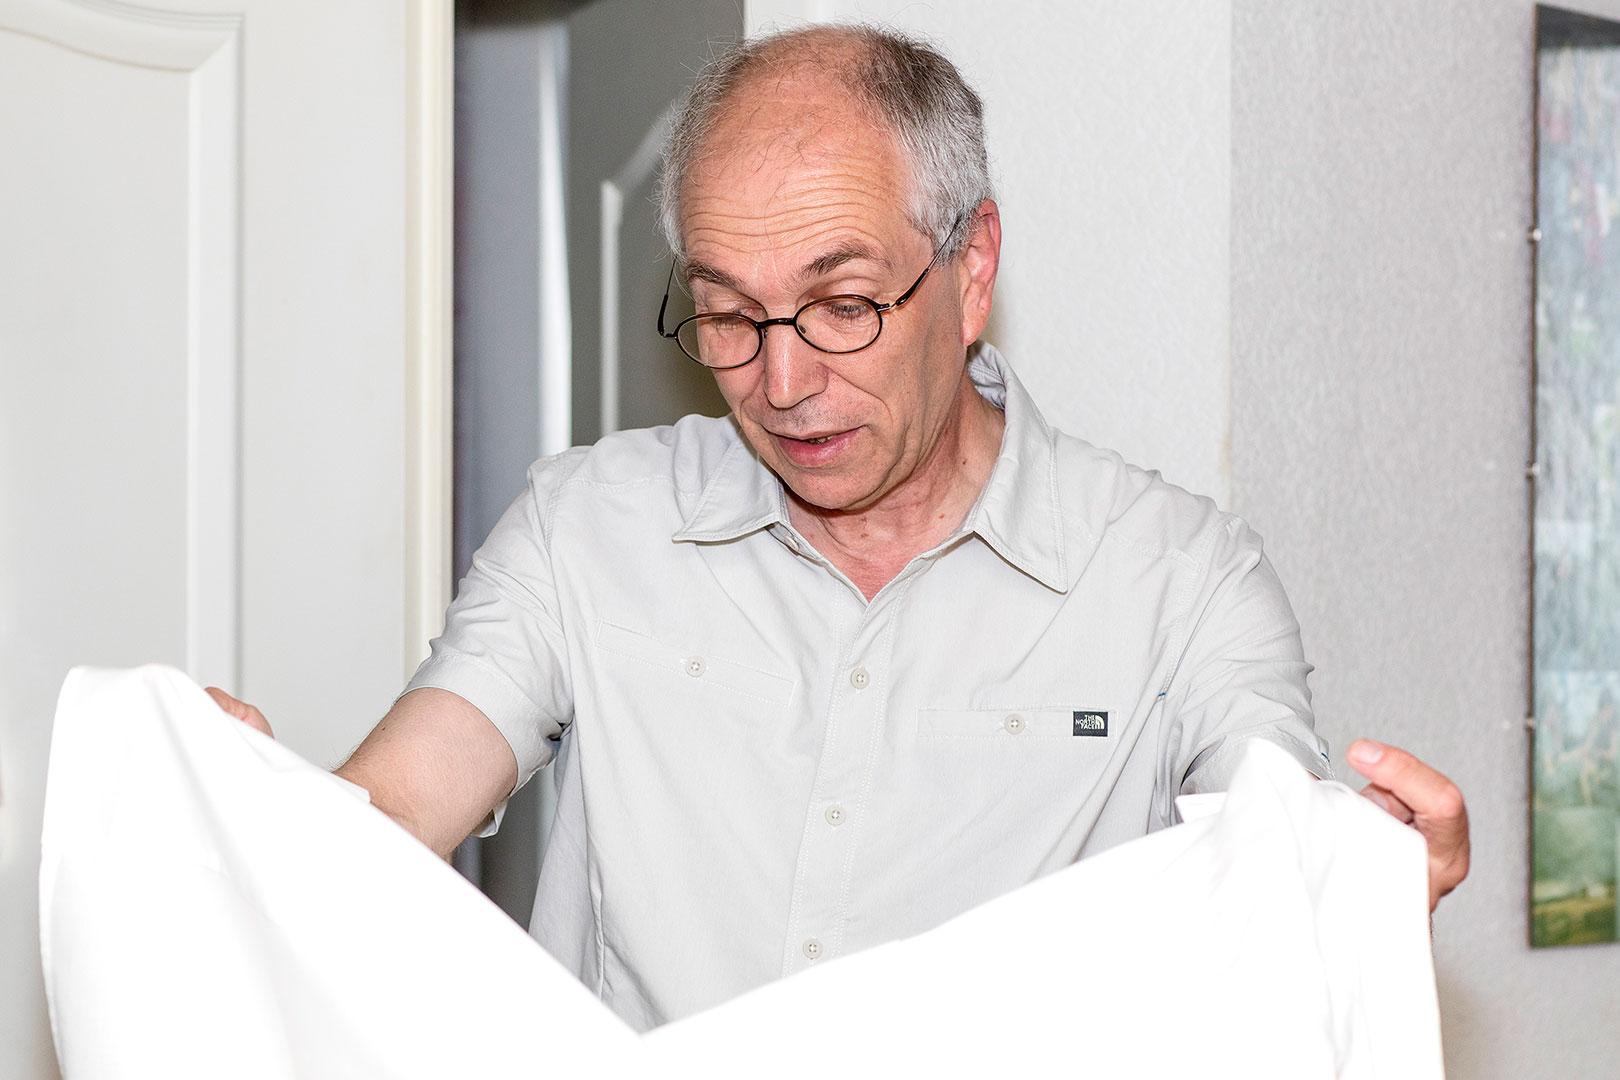 Hochzeitsfotografie: Hochzeitsvorbereitung: Vater sorgt für den richtigen Chic | Foto: Dieter Eikenberg, imprints